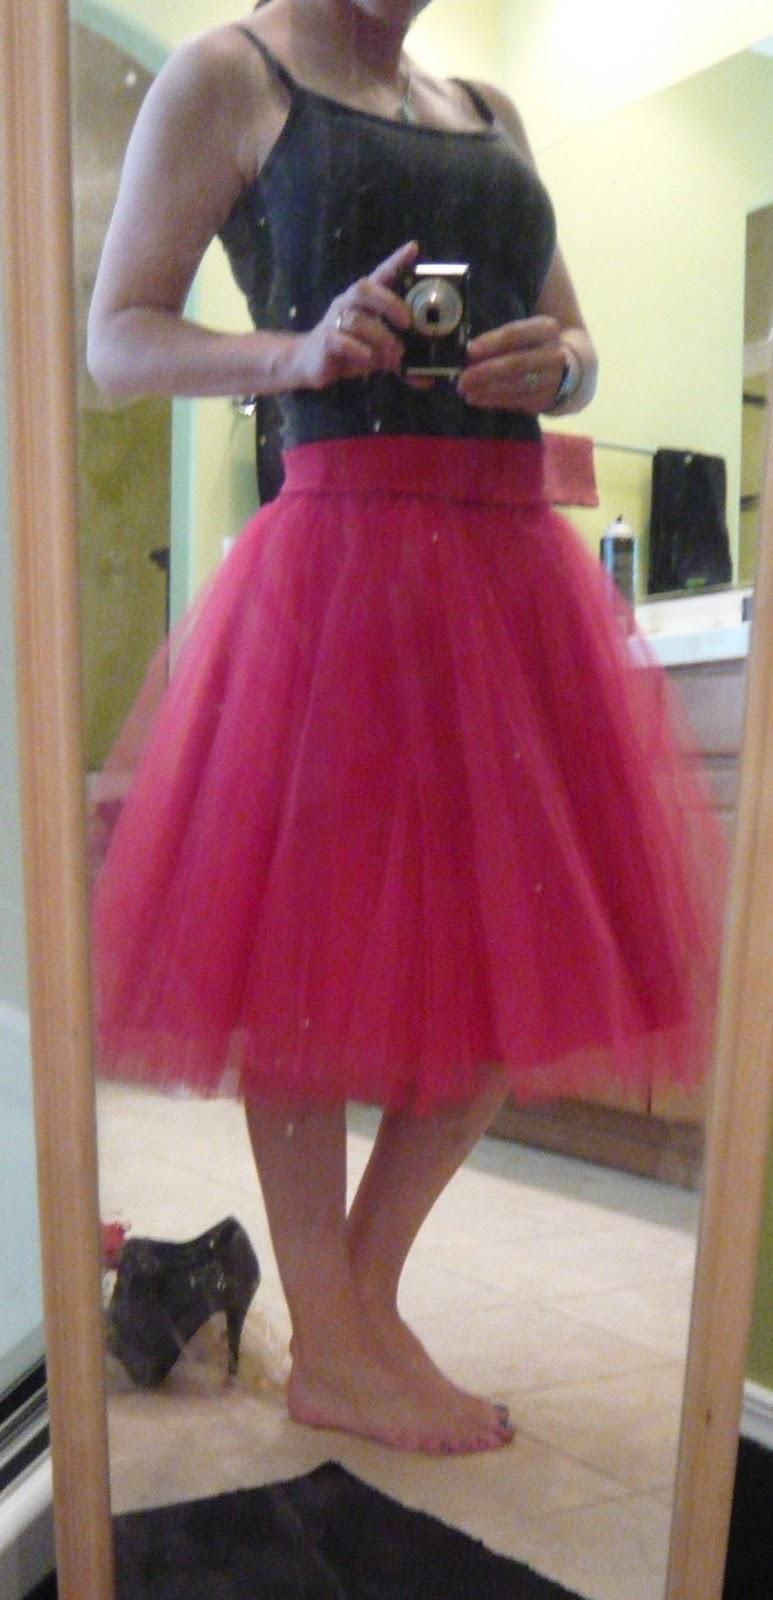 petticoat sit downs dress stuck